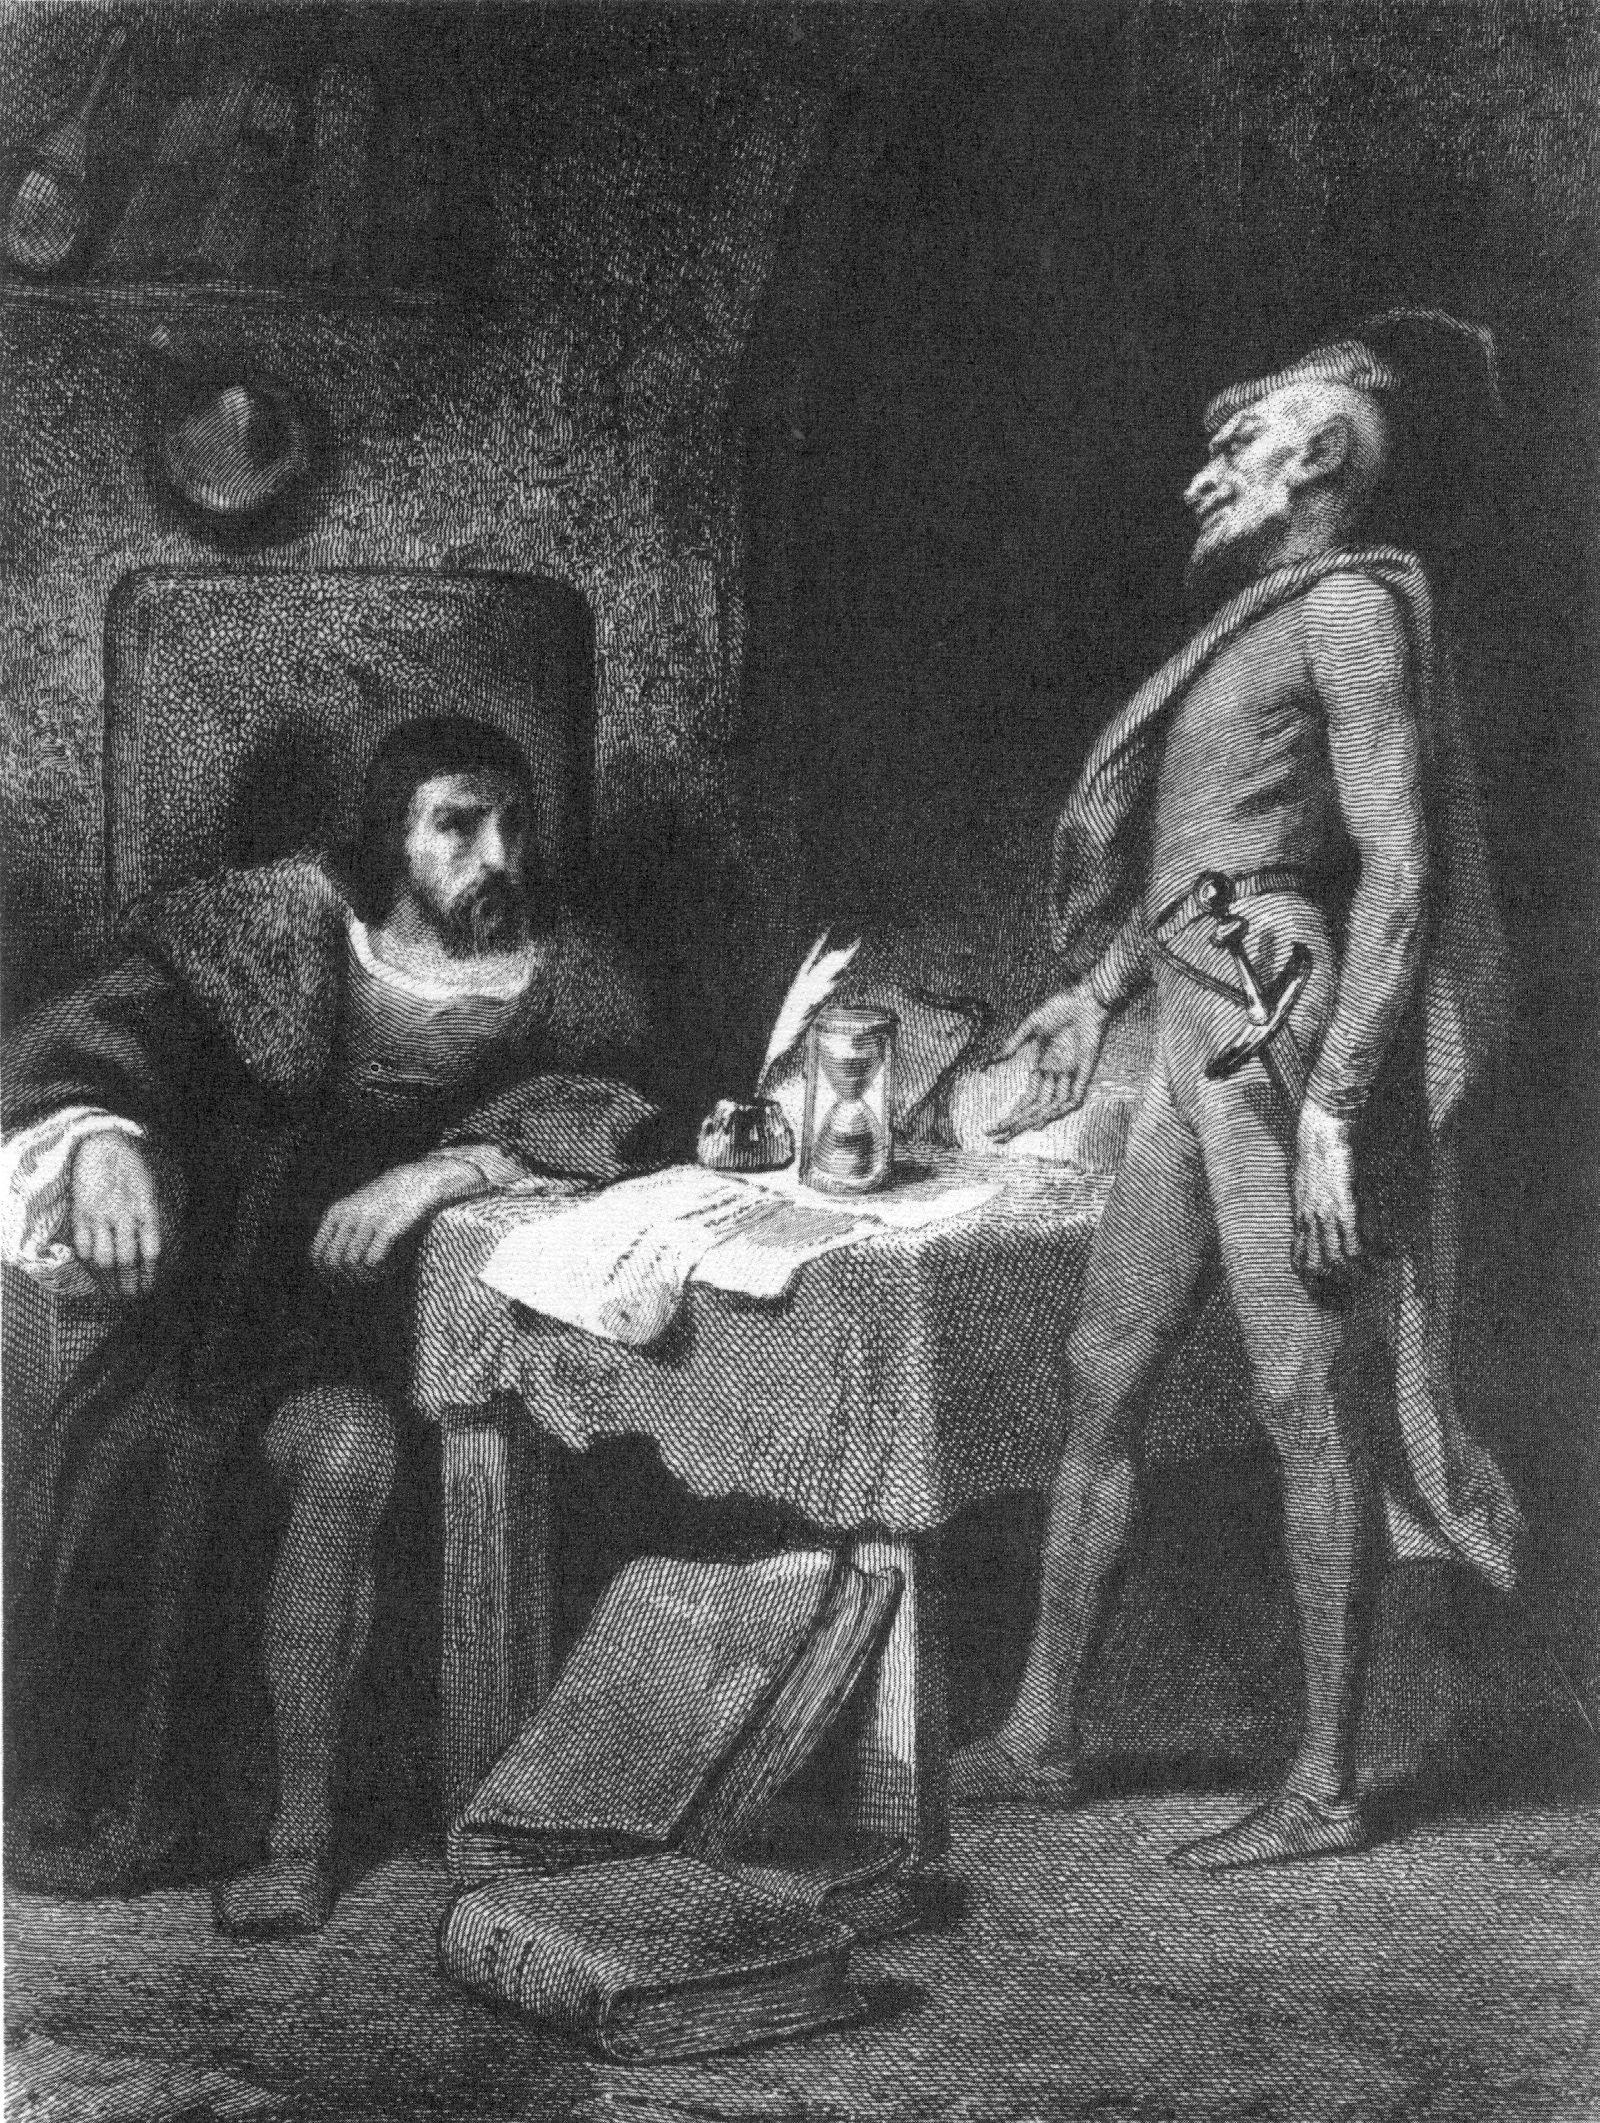 Faust e Mefistofele nell'incisione di Tony Johannot per il Faust di Johann Wolfgang von Goethe